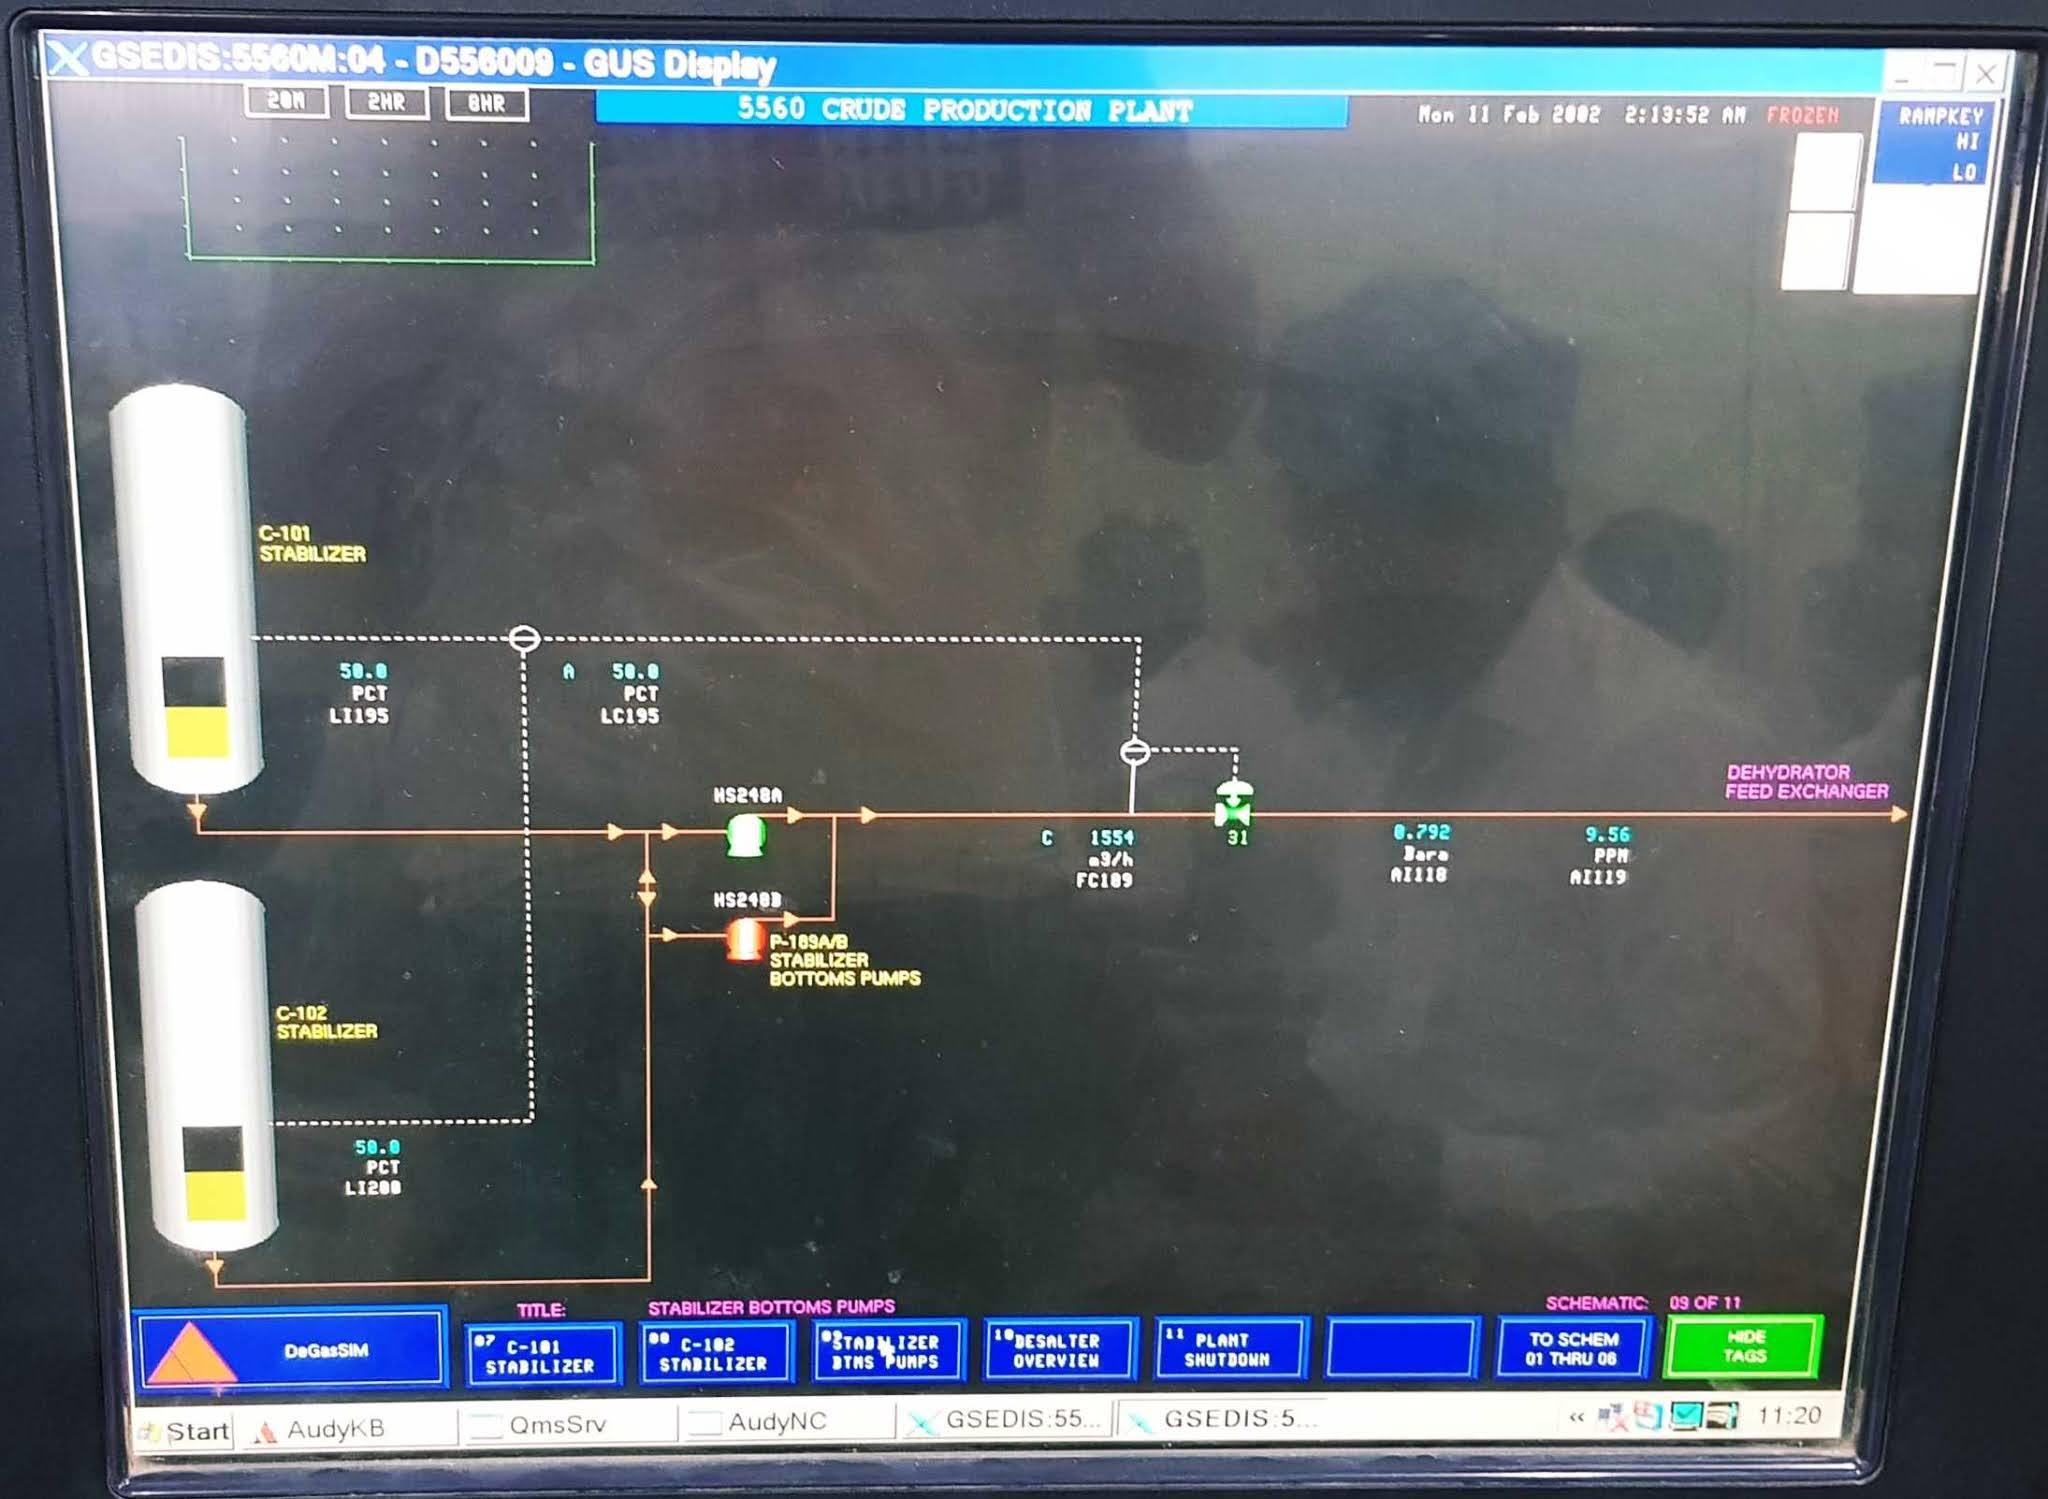 تتبع مسار عمليات تجفيف النفط الخام وإزالة الاملاح وتحليتة عبر مشبة الانتاج